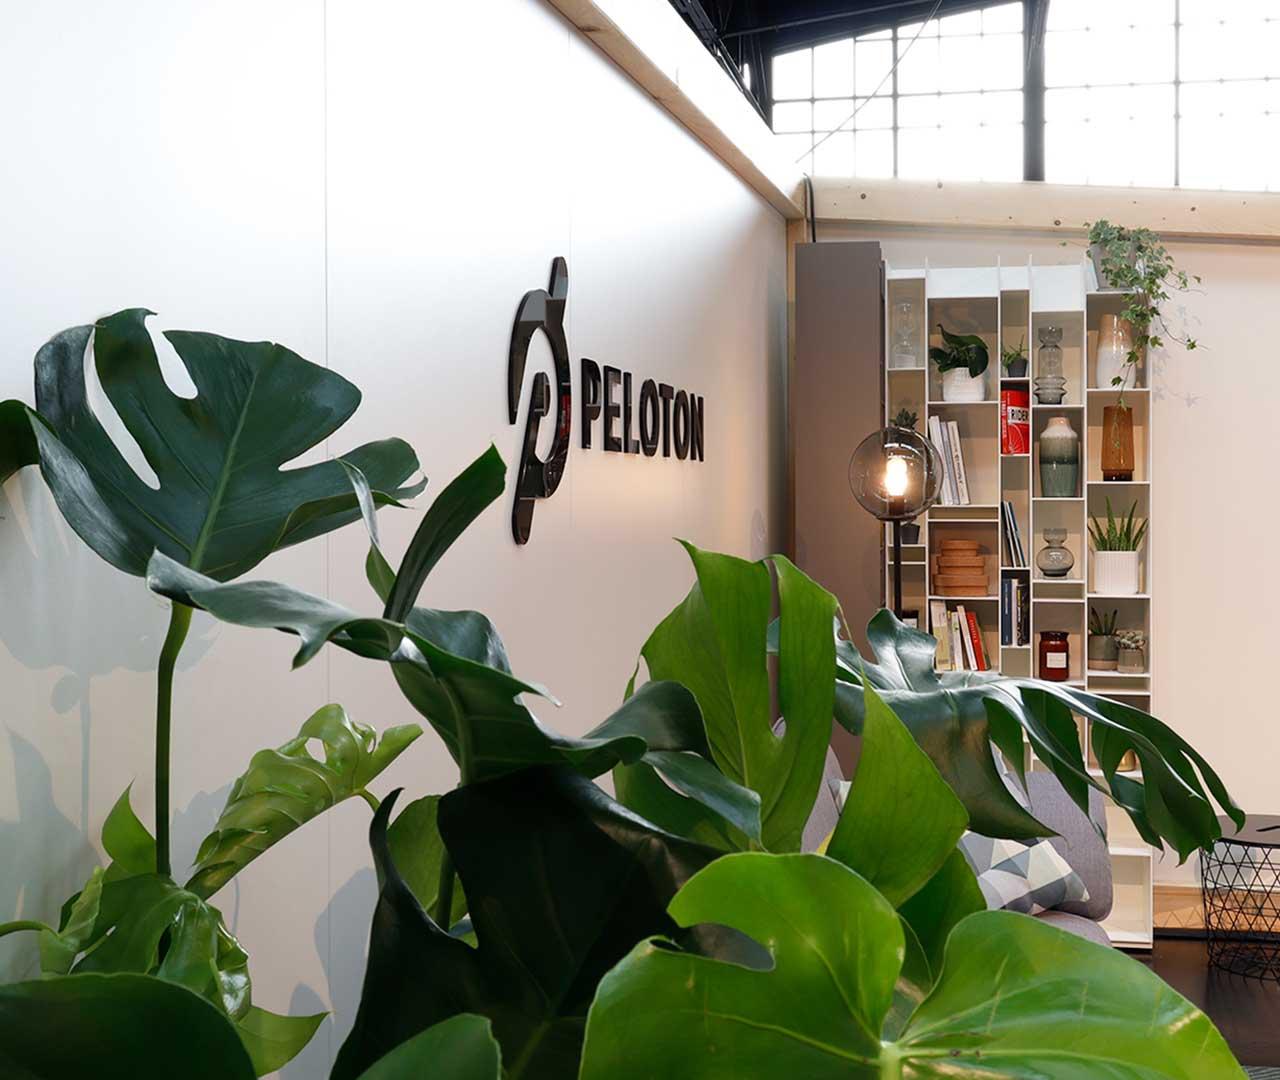 Peloton Sweatlife Berlin 2019: Detail Messeauftritt von Preussisch Portugal